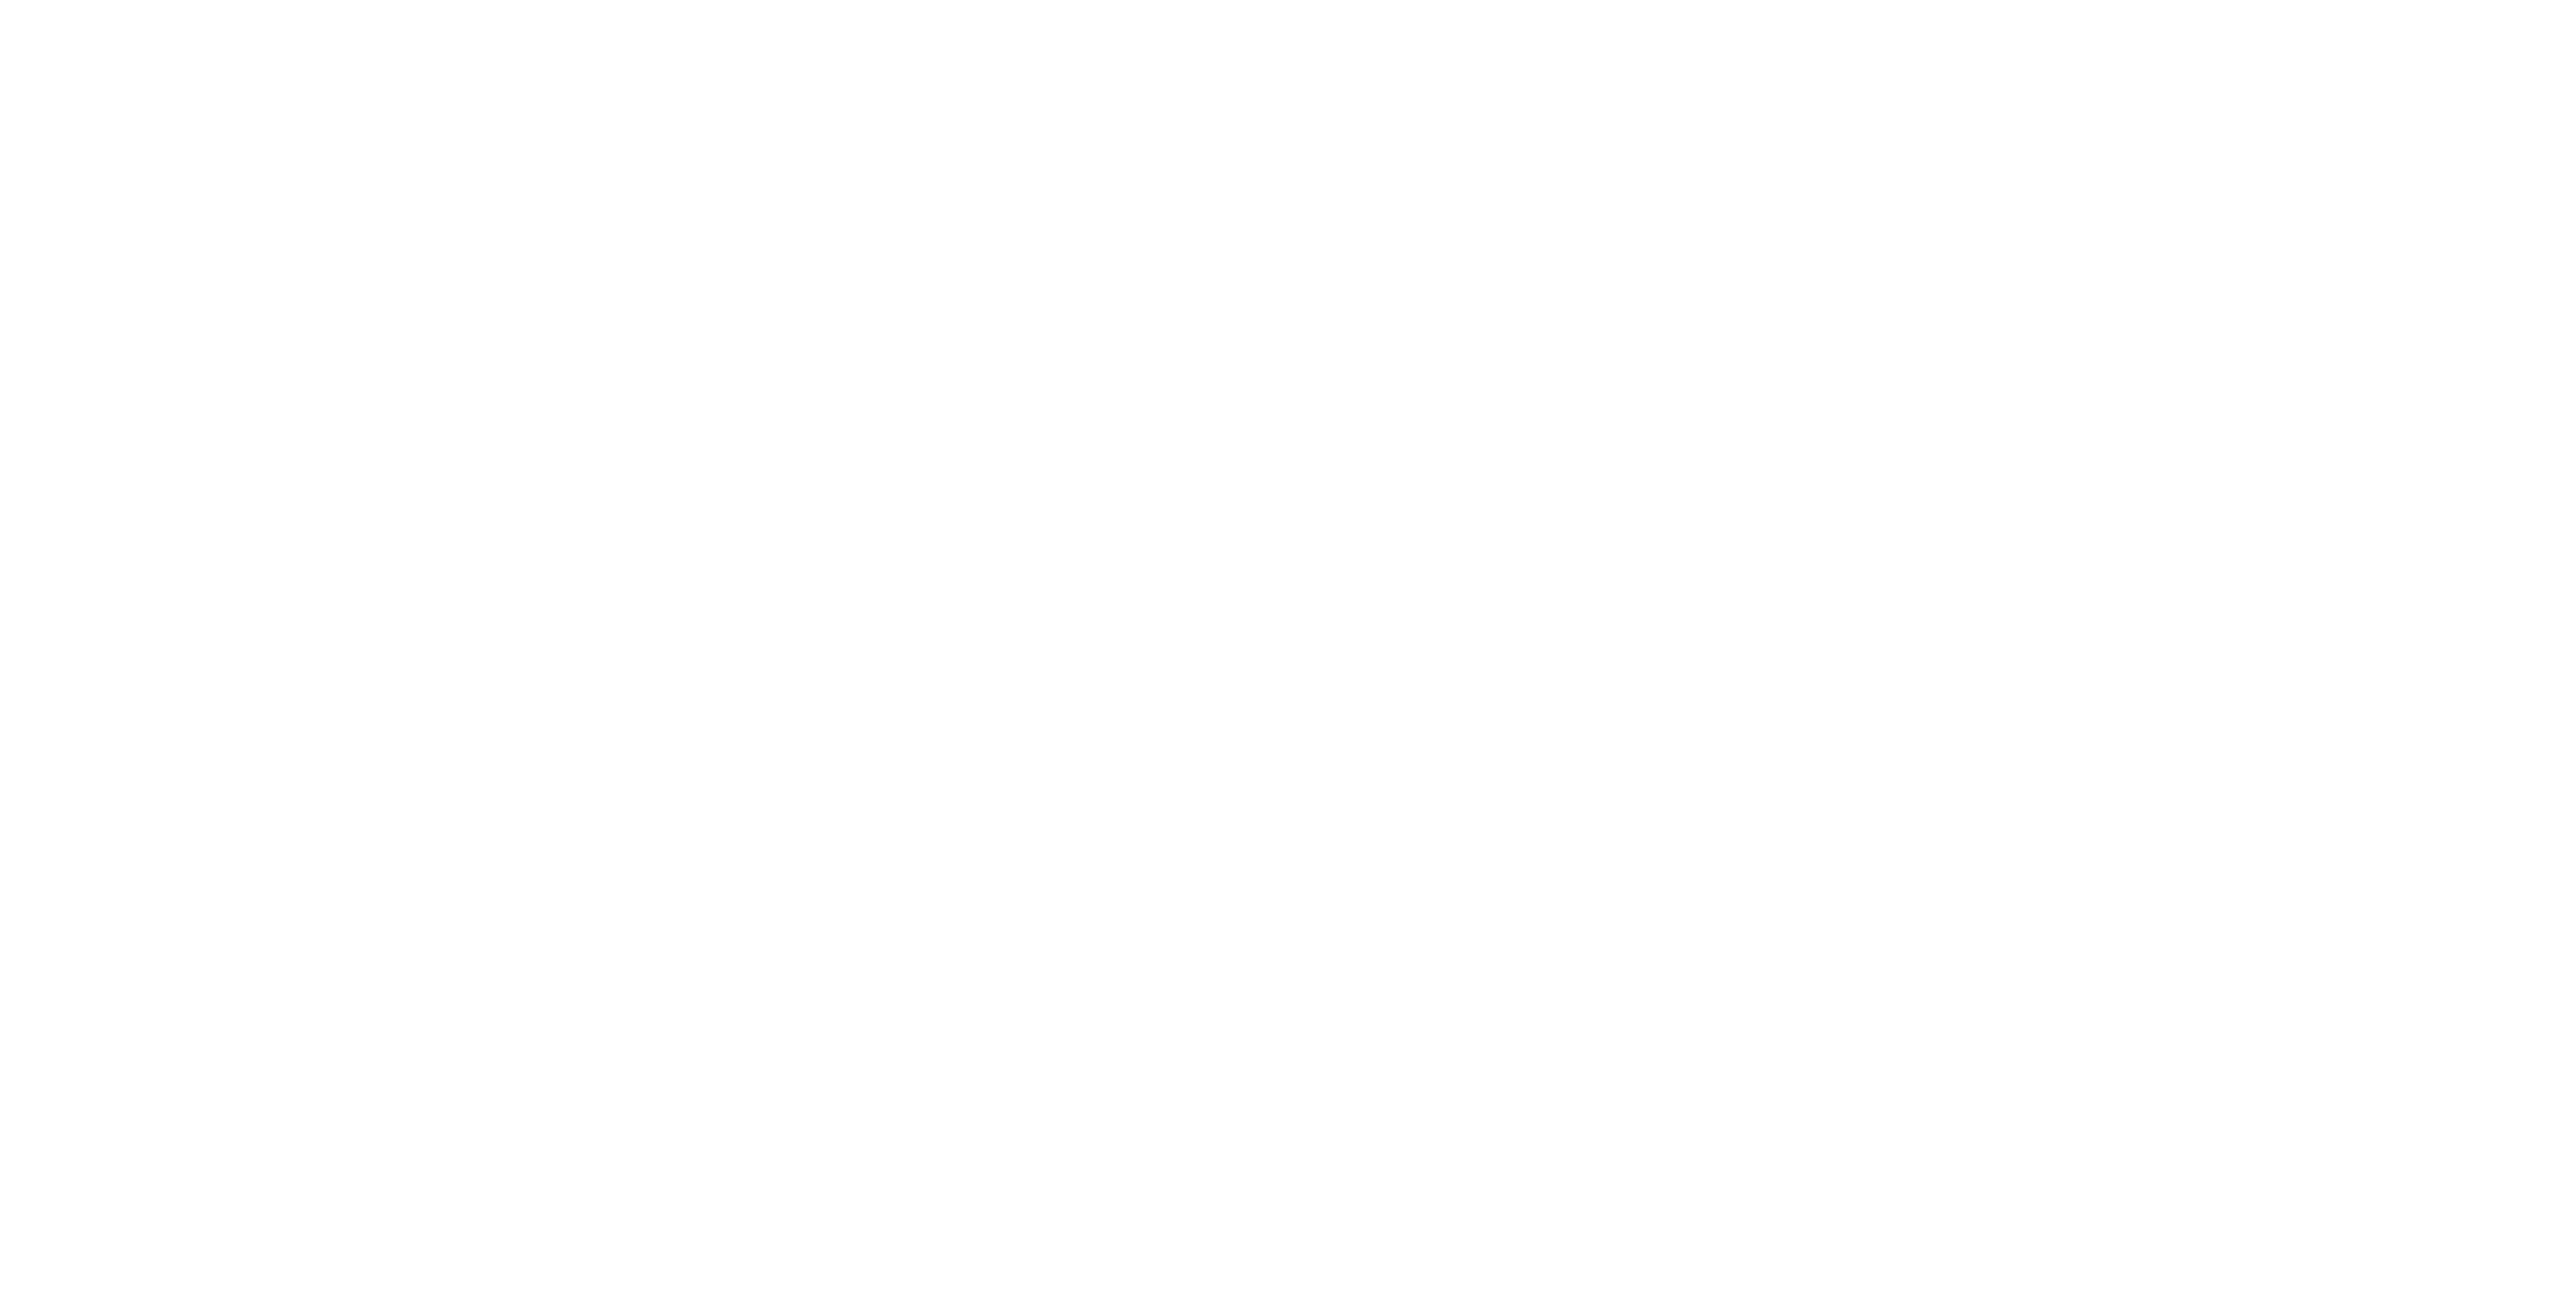 MÊS NACIONAL DA CIÊNCIA, TECNOLOGIA E INOVAÇÃO